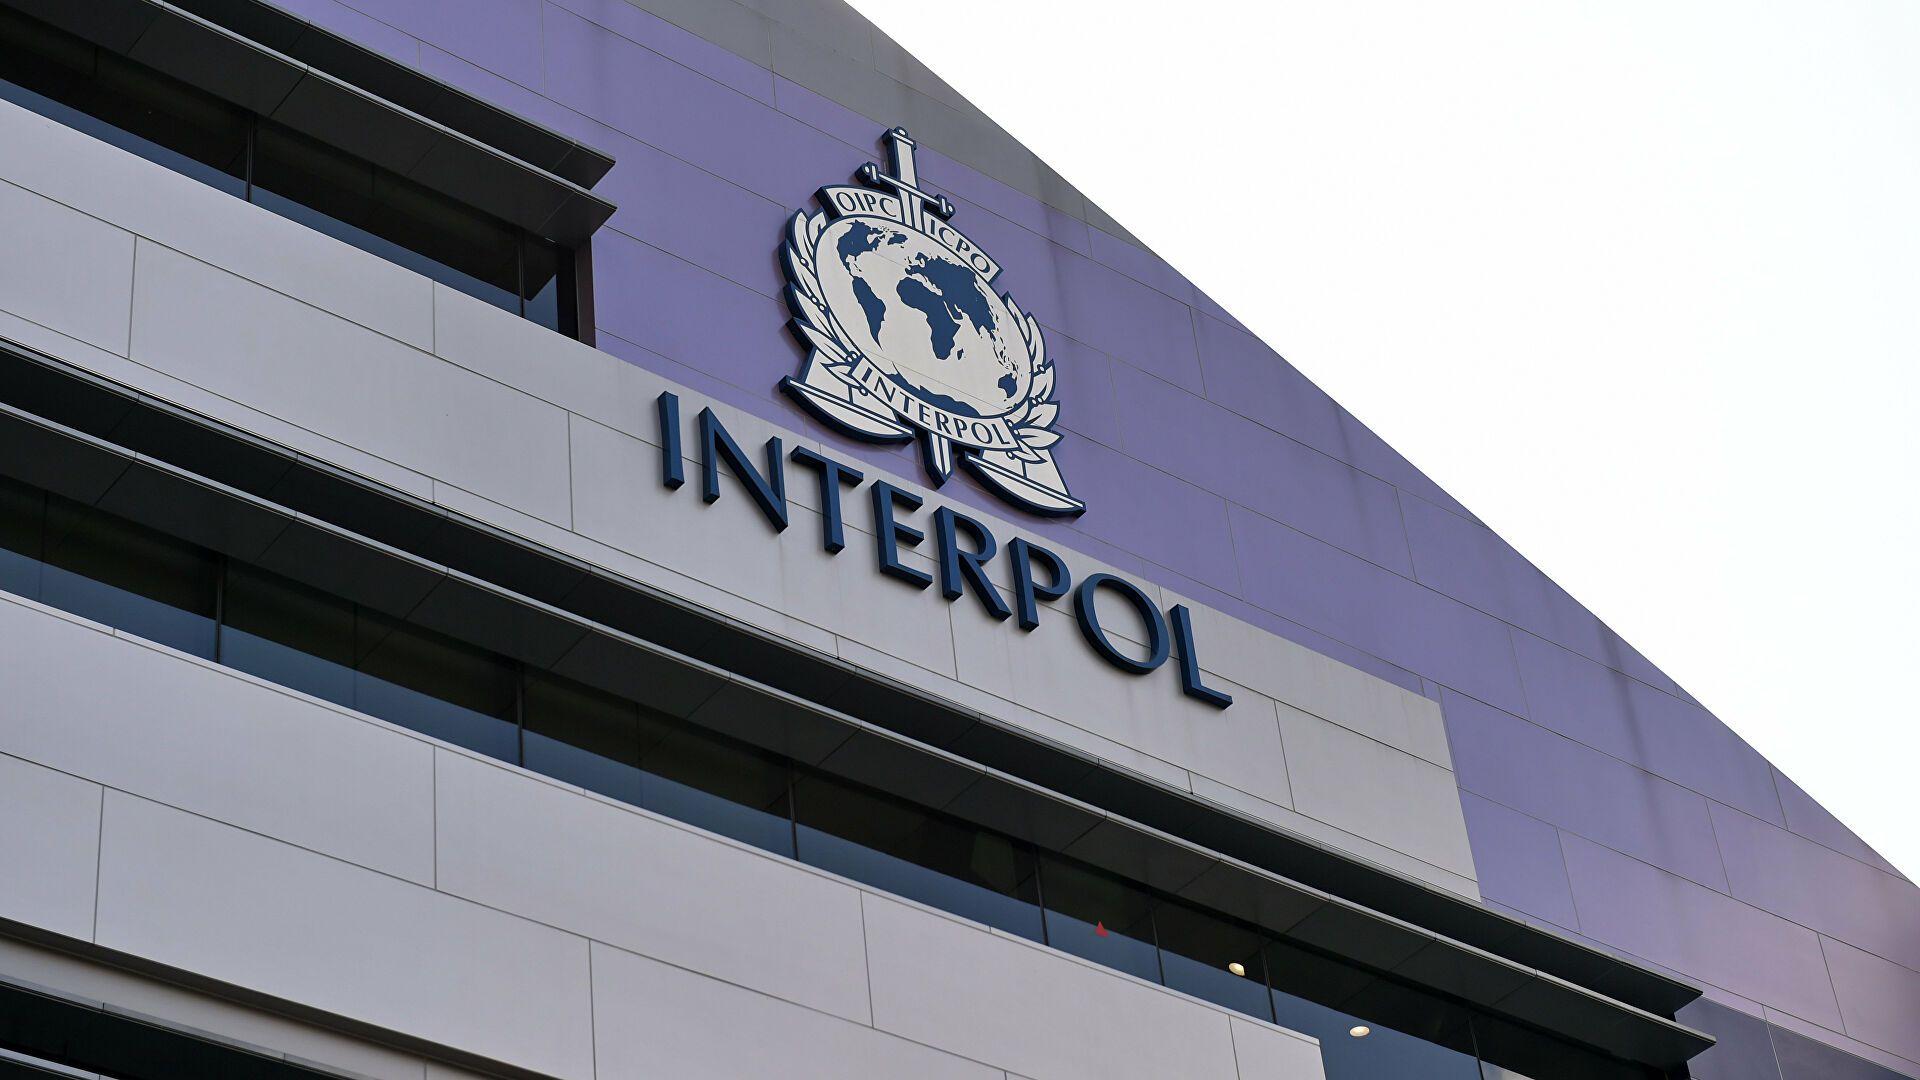 Gobierno pedirá a Interpol activar orden de captura contra alias 'John Mechas' en Venezuela